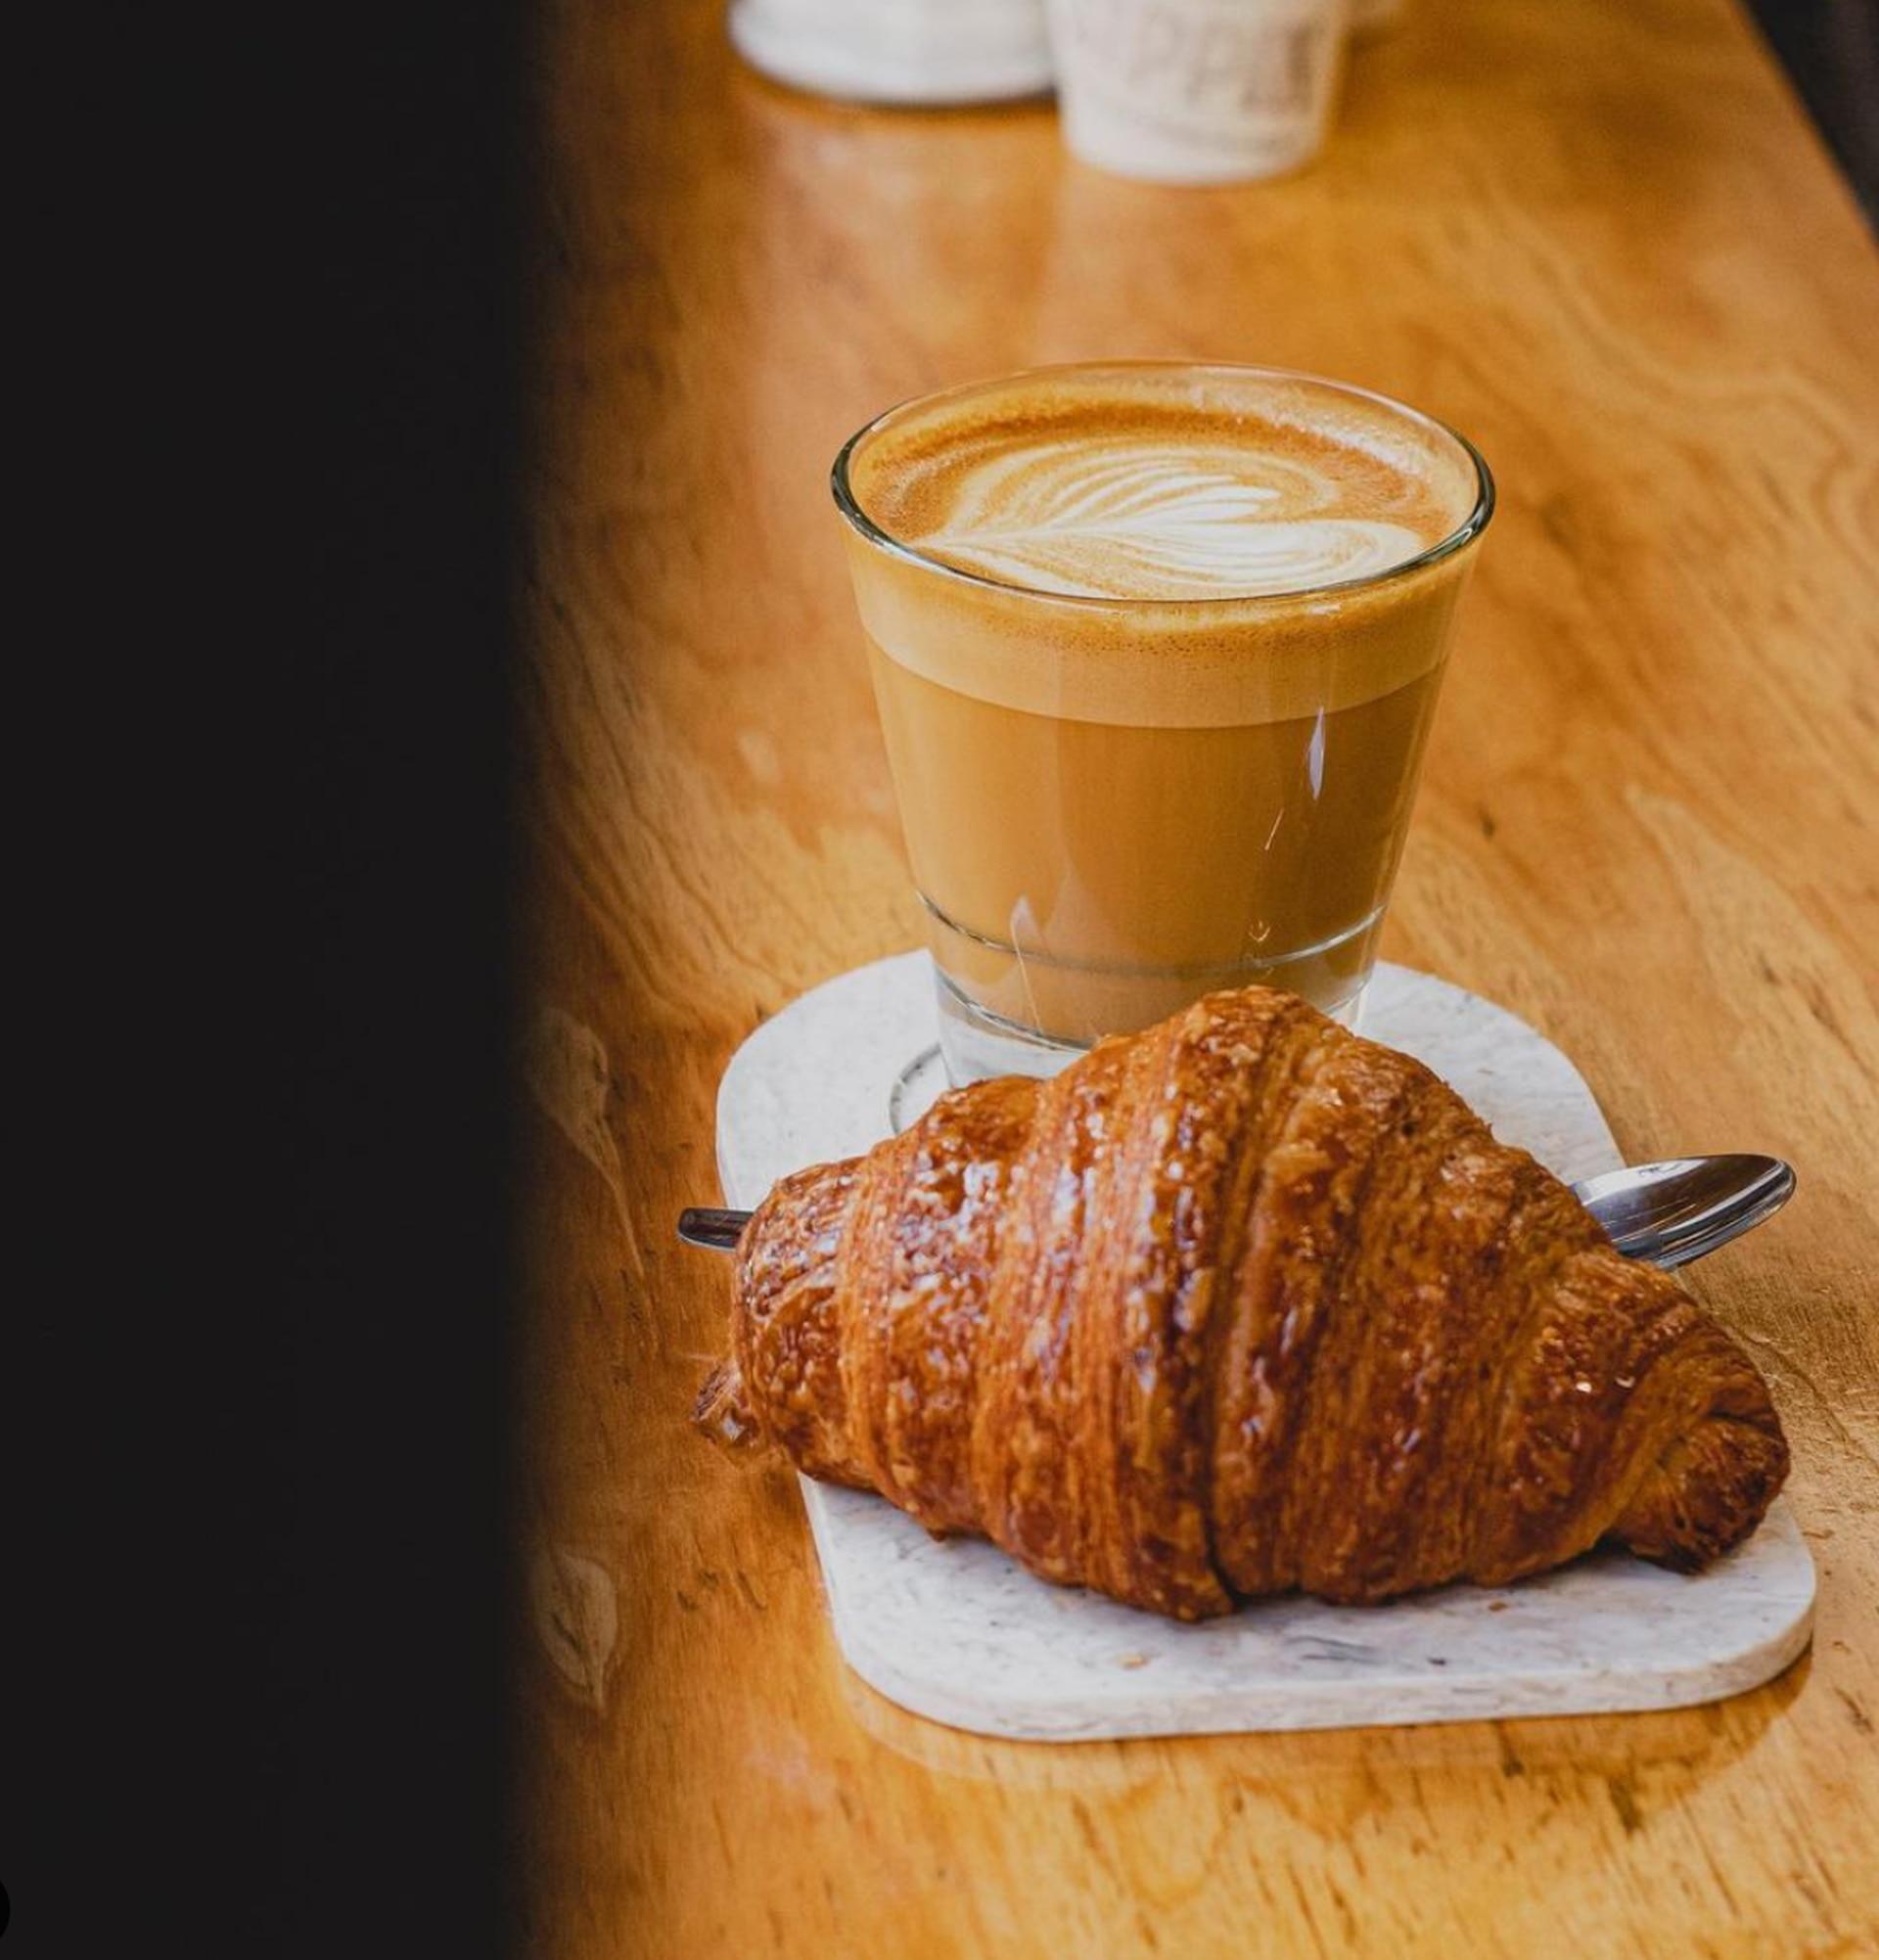 En la barra de Sippin pueden degustarse diferentes variedades de café y combinarlas con cookies, croissants, budines y otras dulzuras.